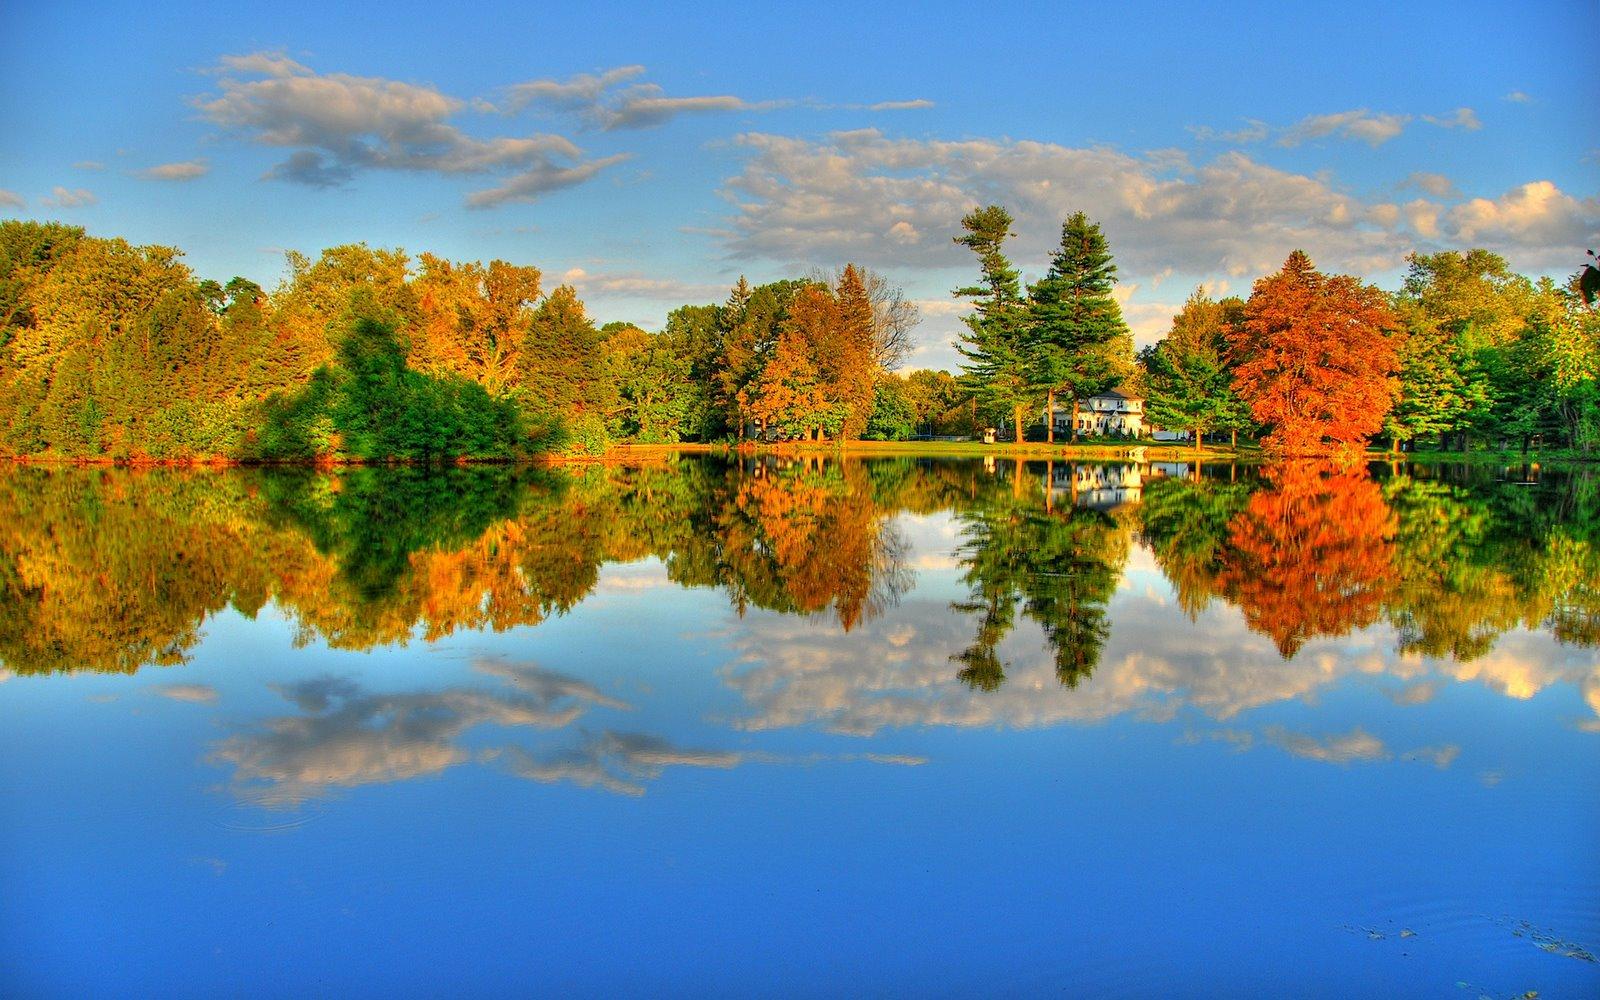 http://3.bp.blogspot.com/_kw1VD16J_Xw/SeCfiA2sP0I/AAAAAAAACUs/XVRmfP3PONY/s1600/Autumn_lake_1920%2Bx%2B1200%2Bwidescreen.jpg